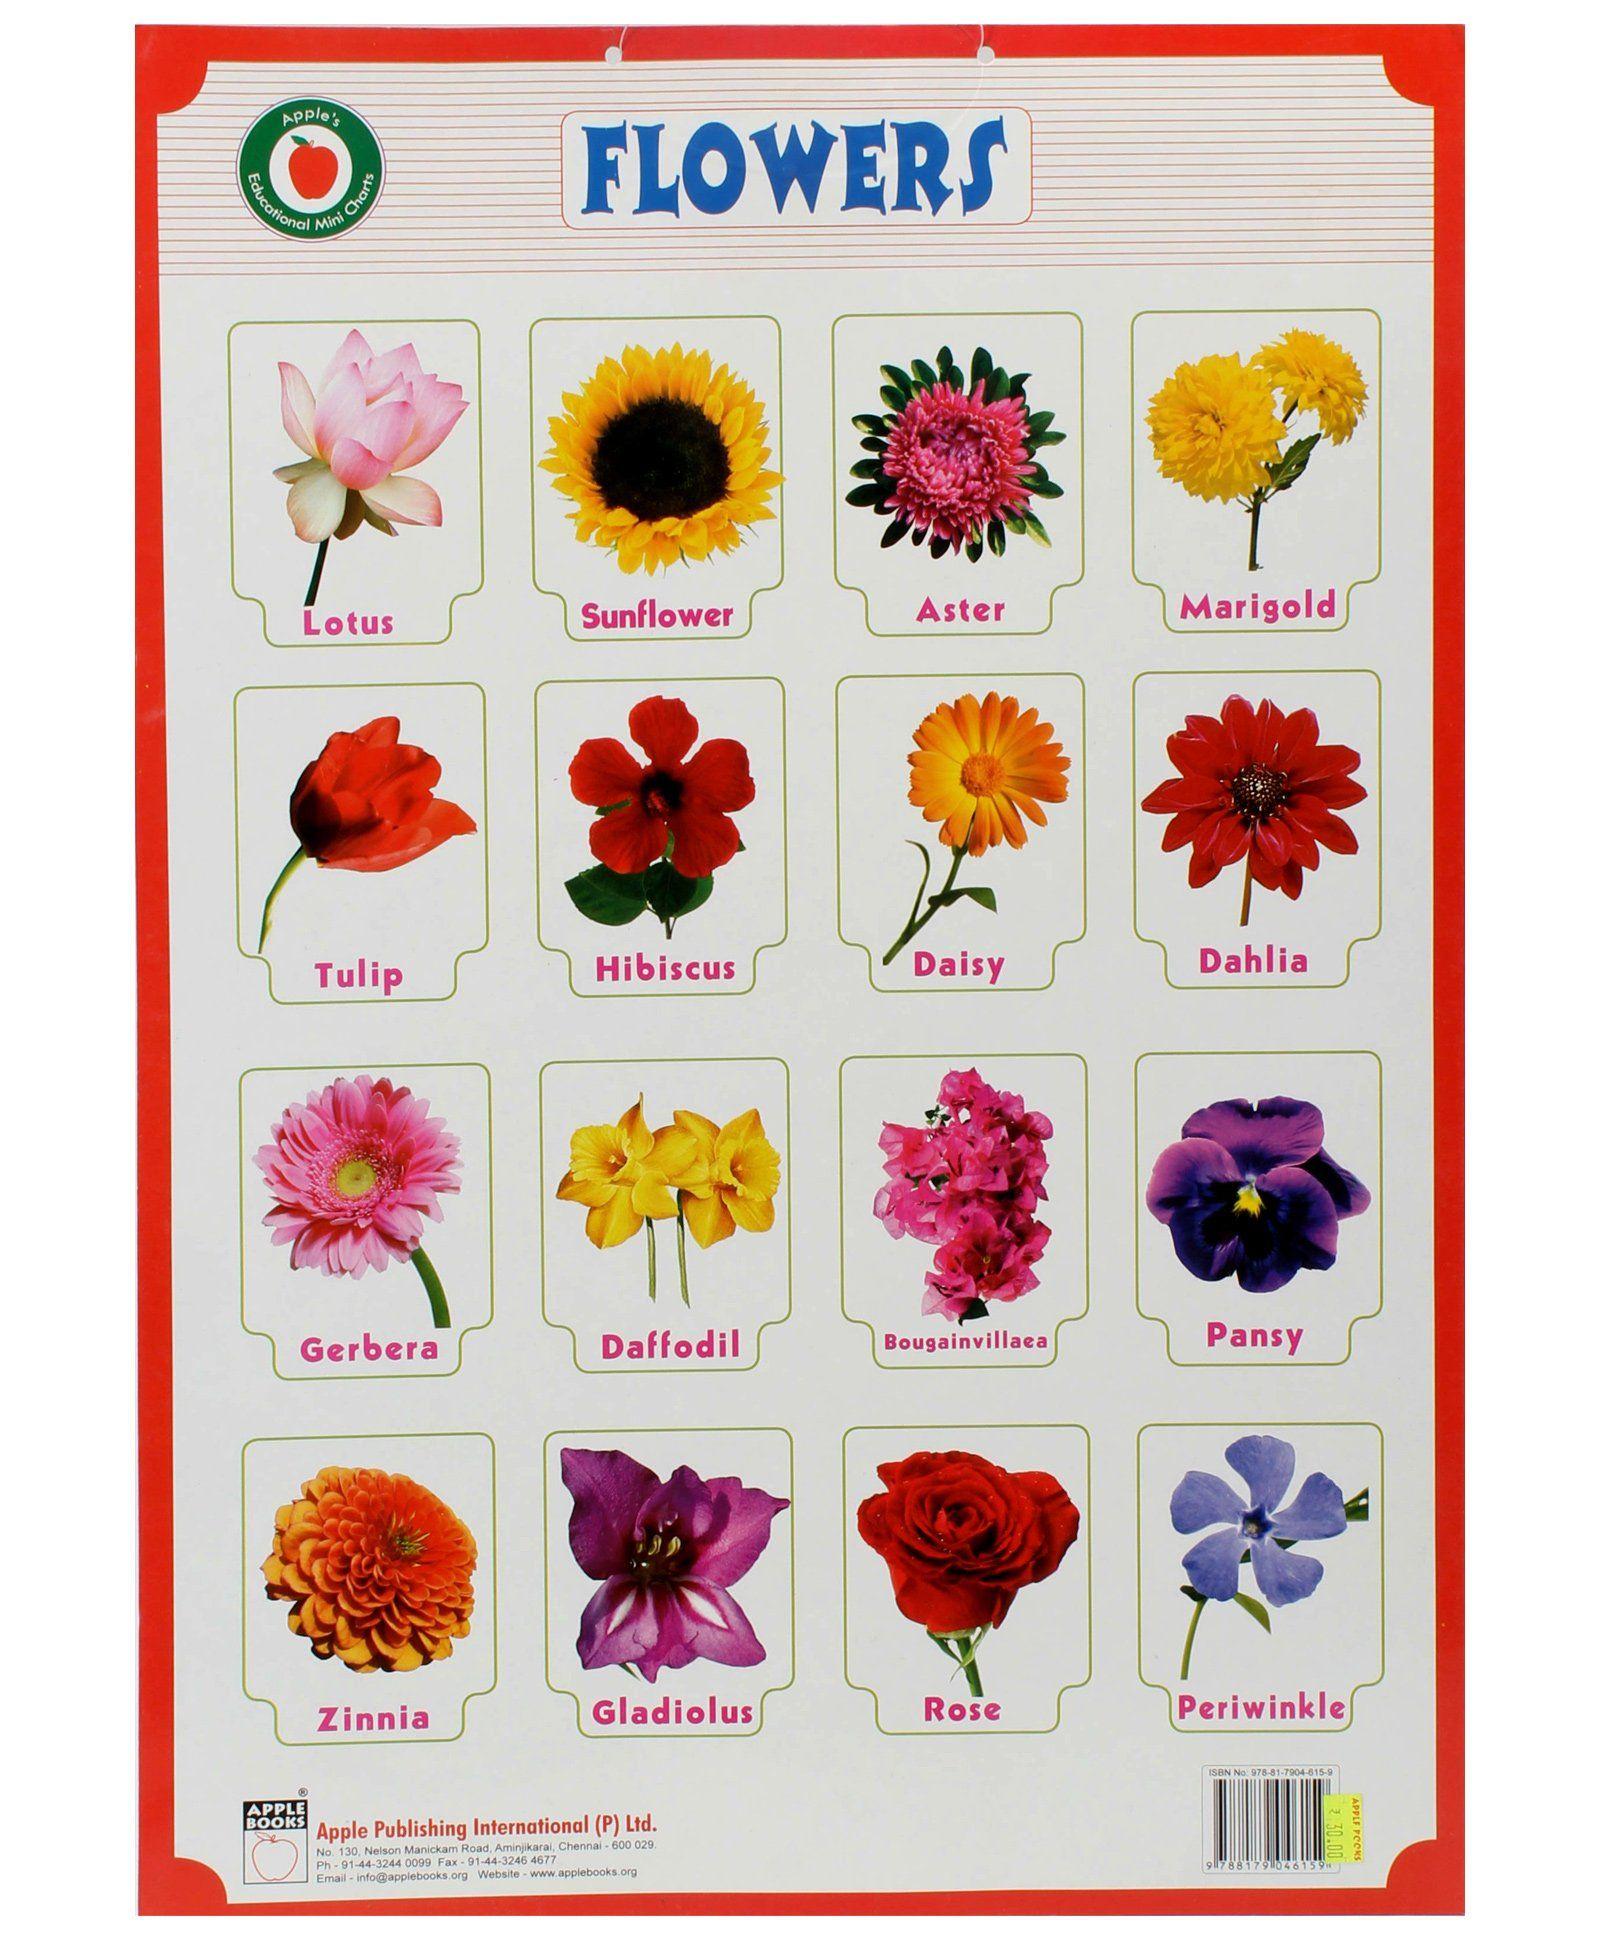 рустамом перечень цветов с картинками ниже